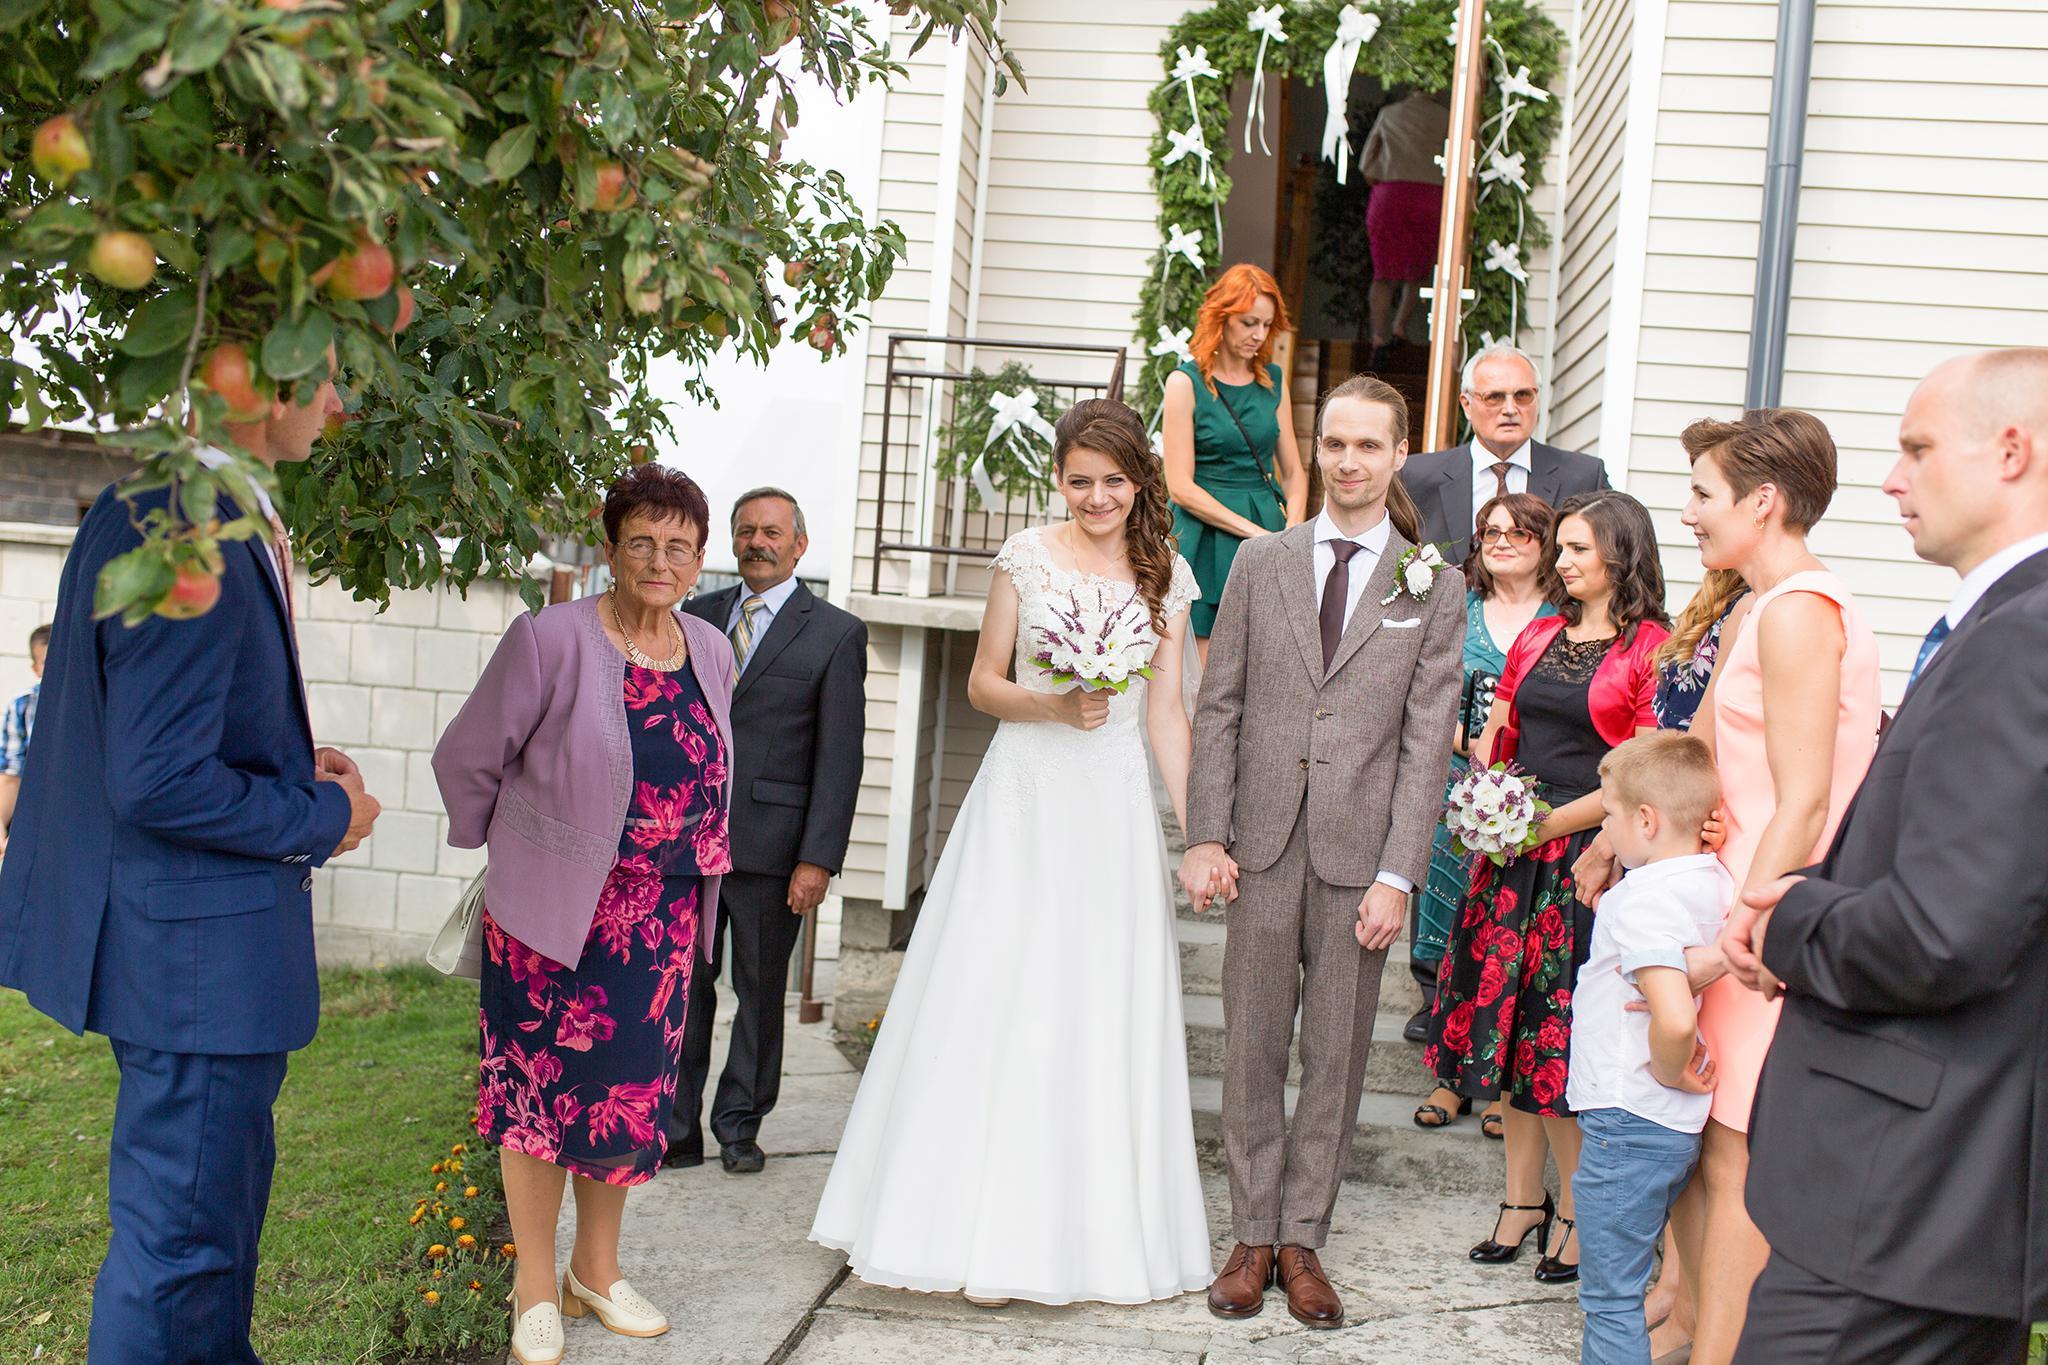 Gdy zajechałam do Jędrzejowa, na miejsce ślubu Moniki i Grześka, przywitał mnie prześliczny retro samochód. Uwielbiam retro klimaty. Swoją pracę zaczęłam od przygotowań Pana Młodego.